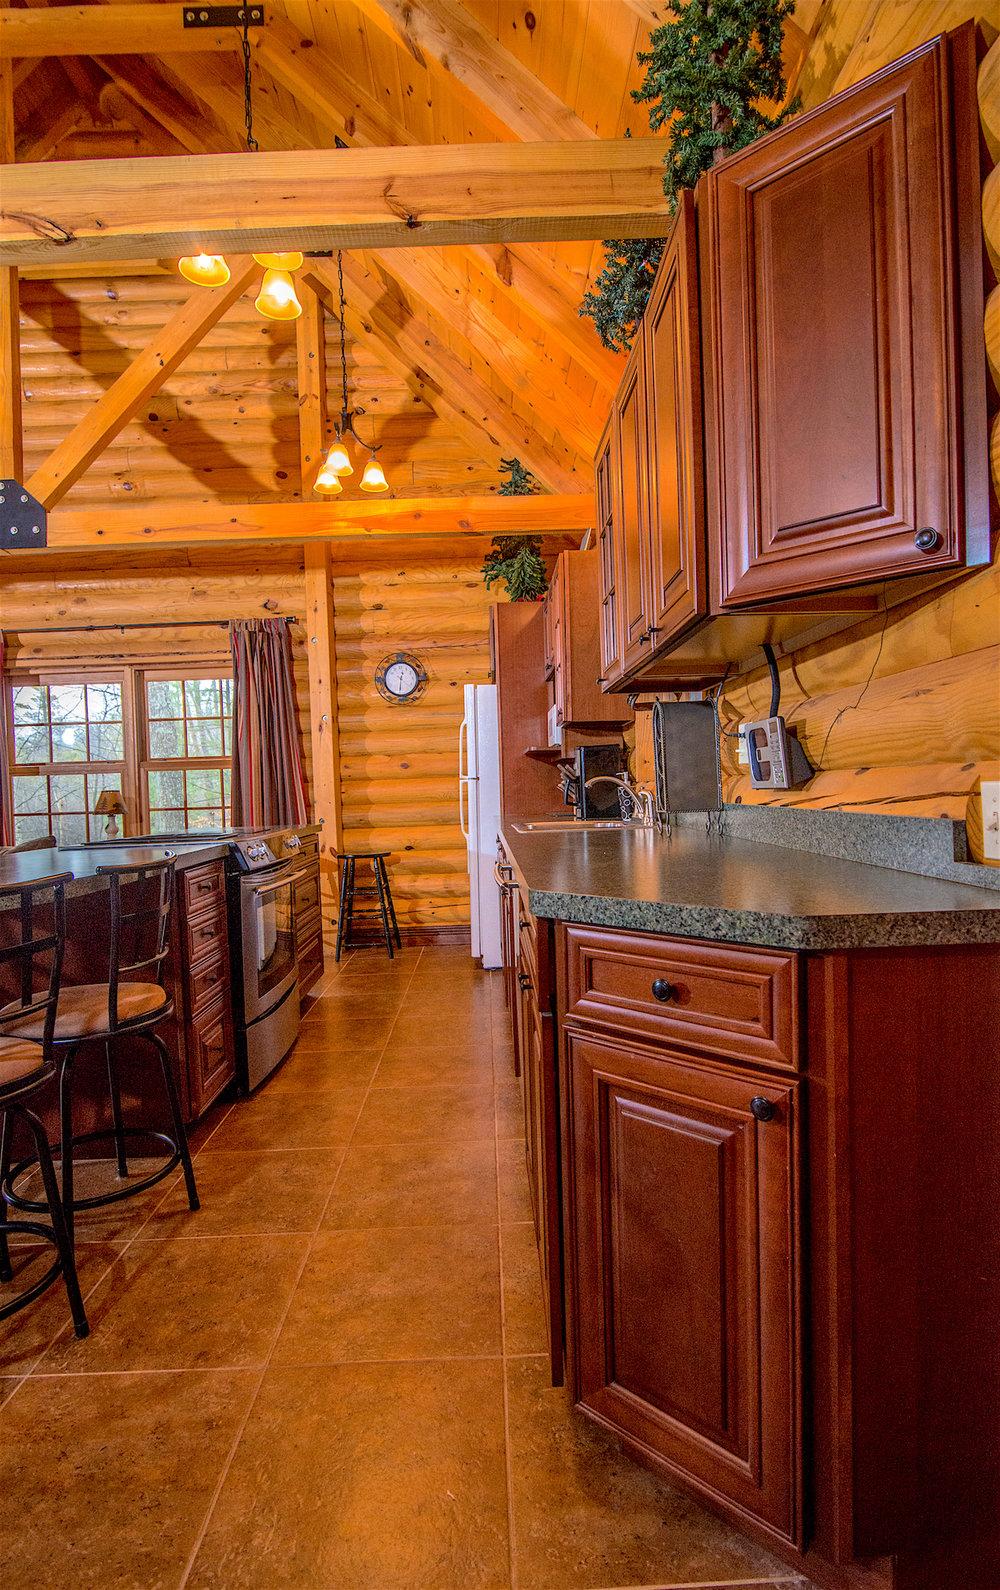 Pentwater Michigan Cabin Galley Kitchen.jpg